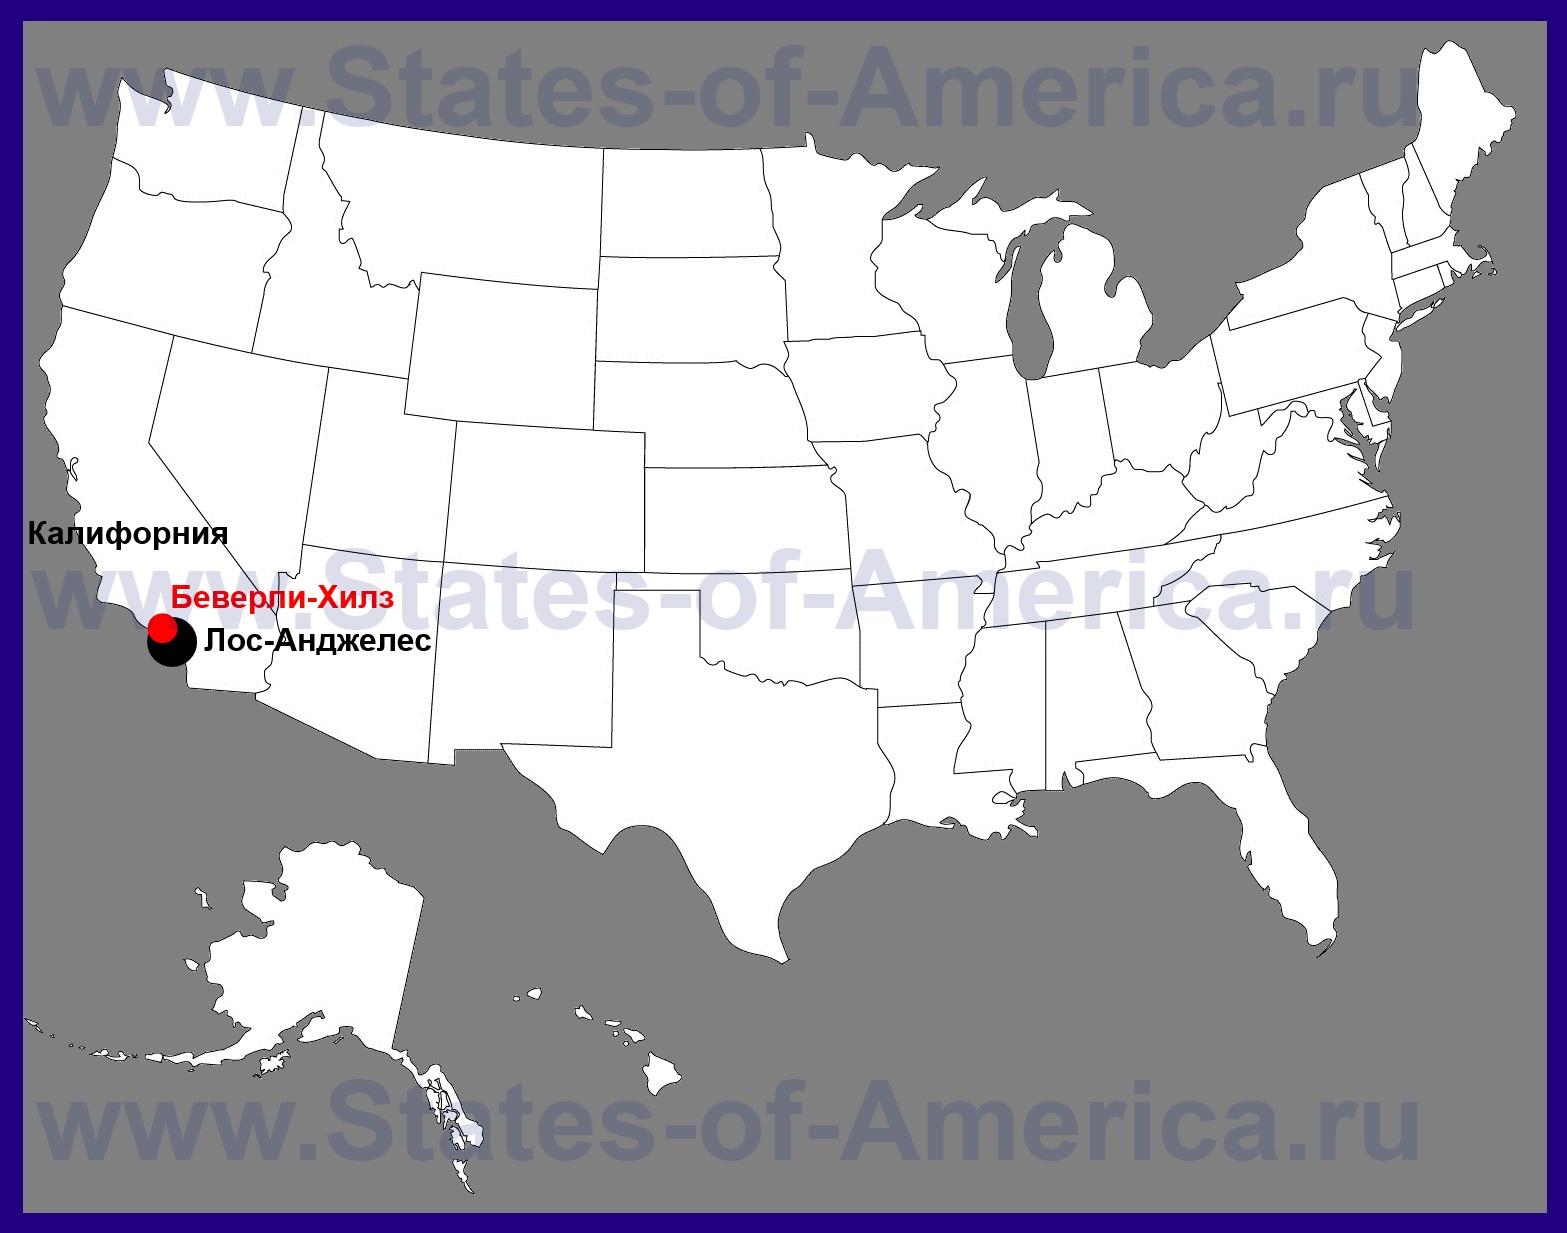 Беверли хилз на карте сша